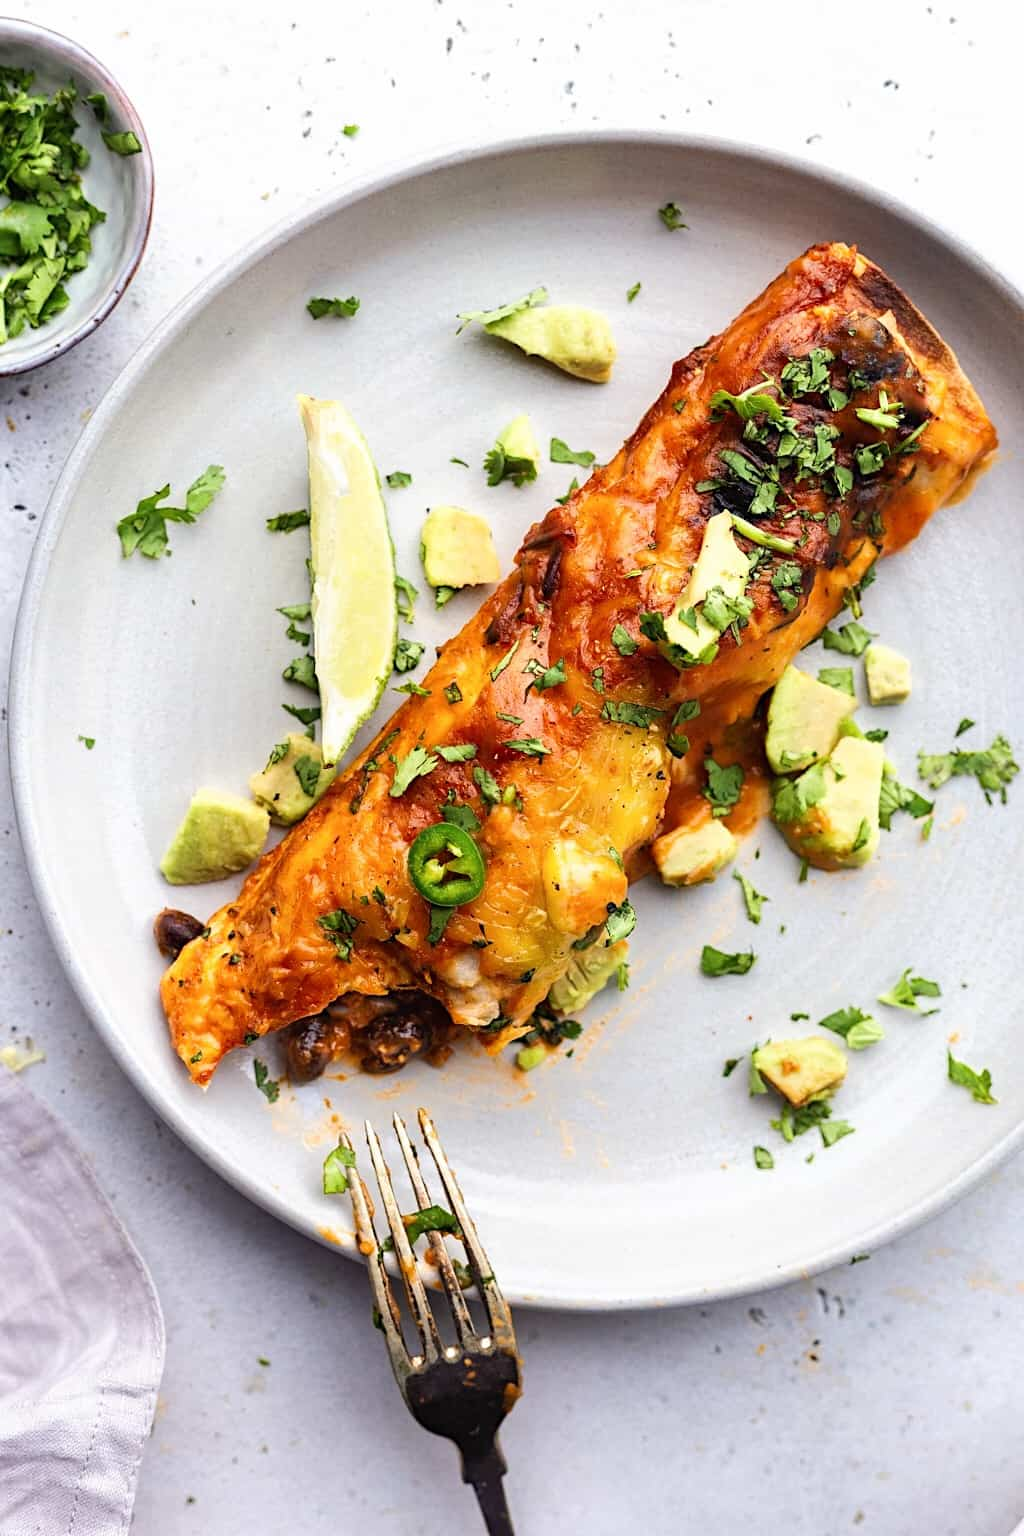 Vegan Black Bean and Sweet Potato Enchiladas #sweetpotato #blackbeans #mexican #vegan #recipe #enchiladas